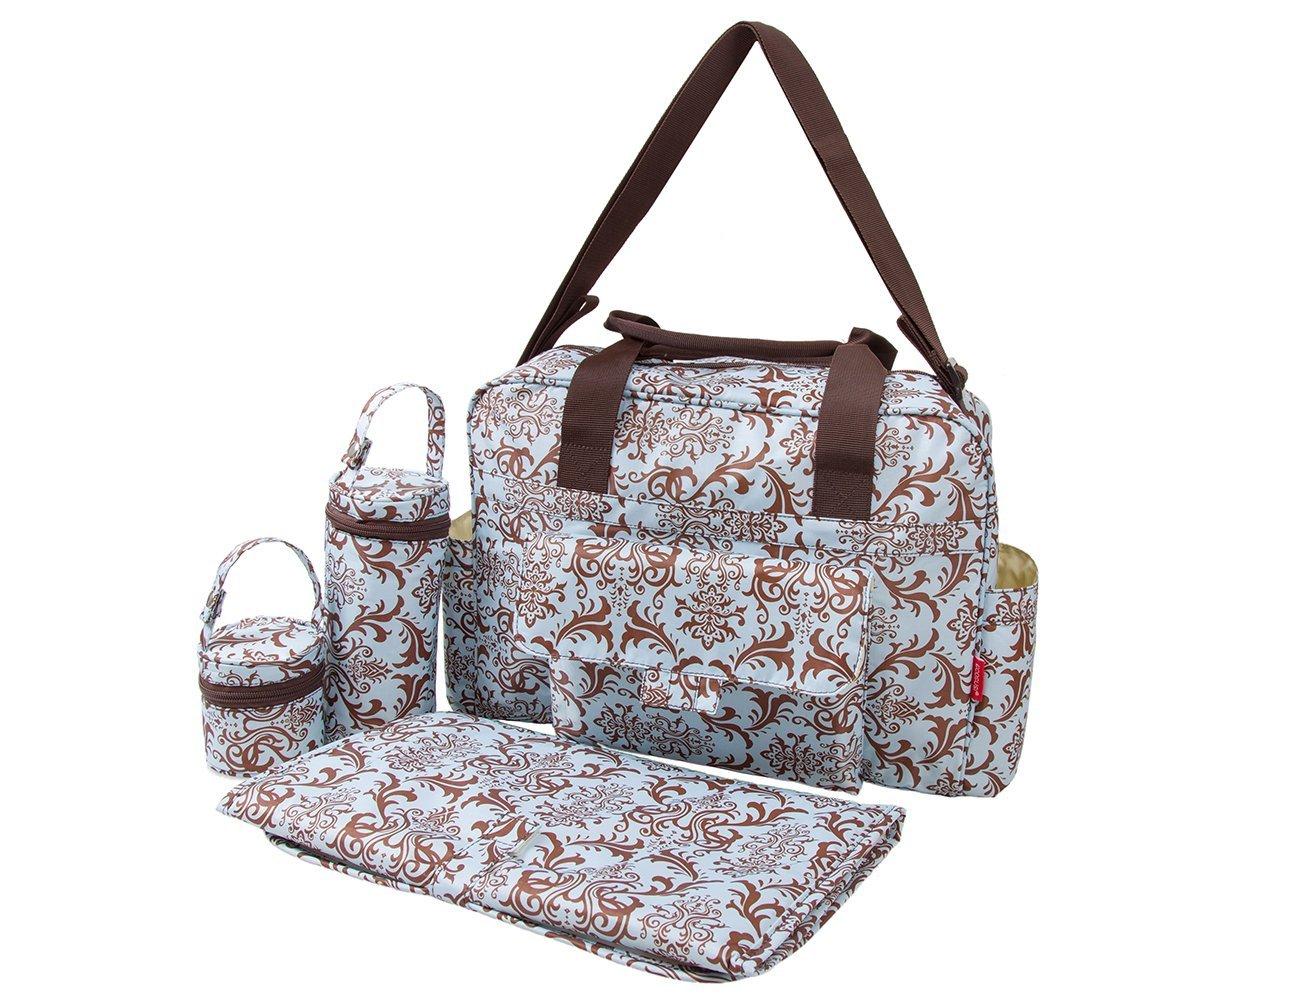 Die Wickeltasche – Was gehört hinein?